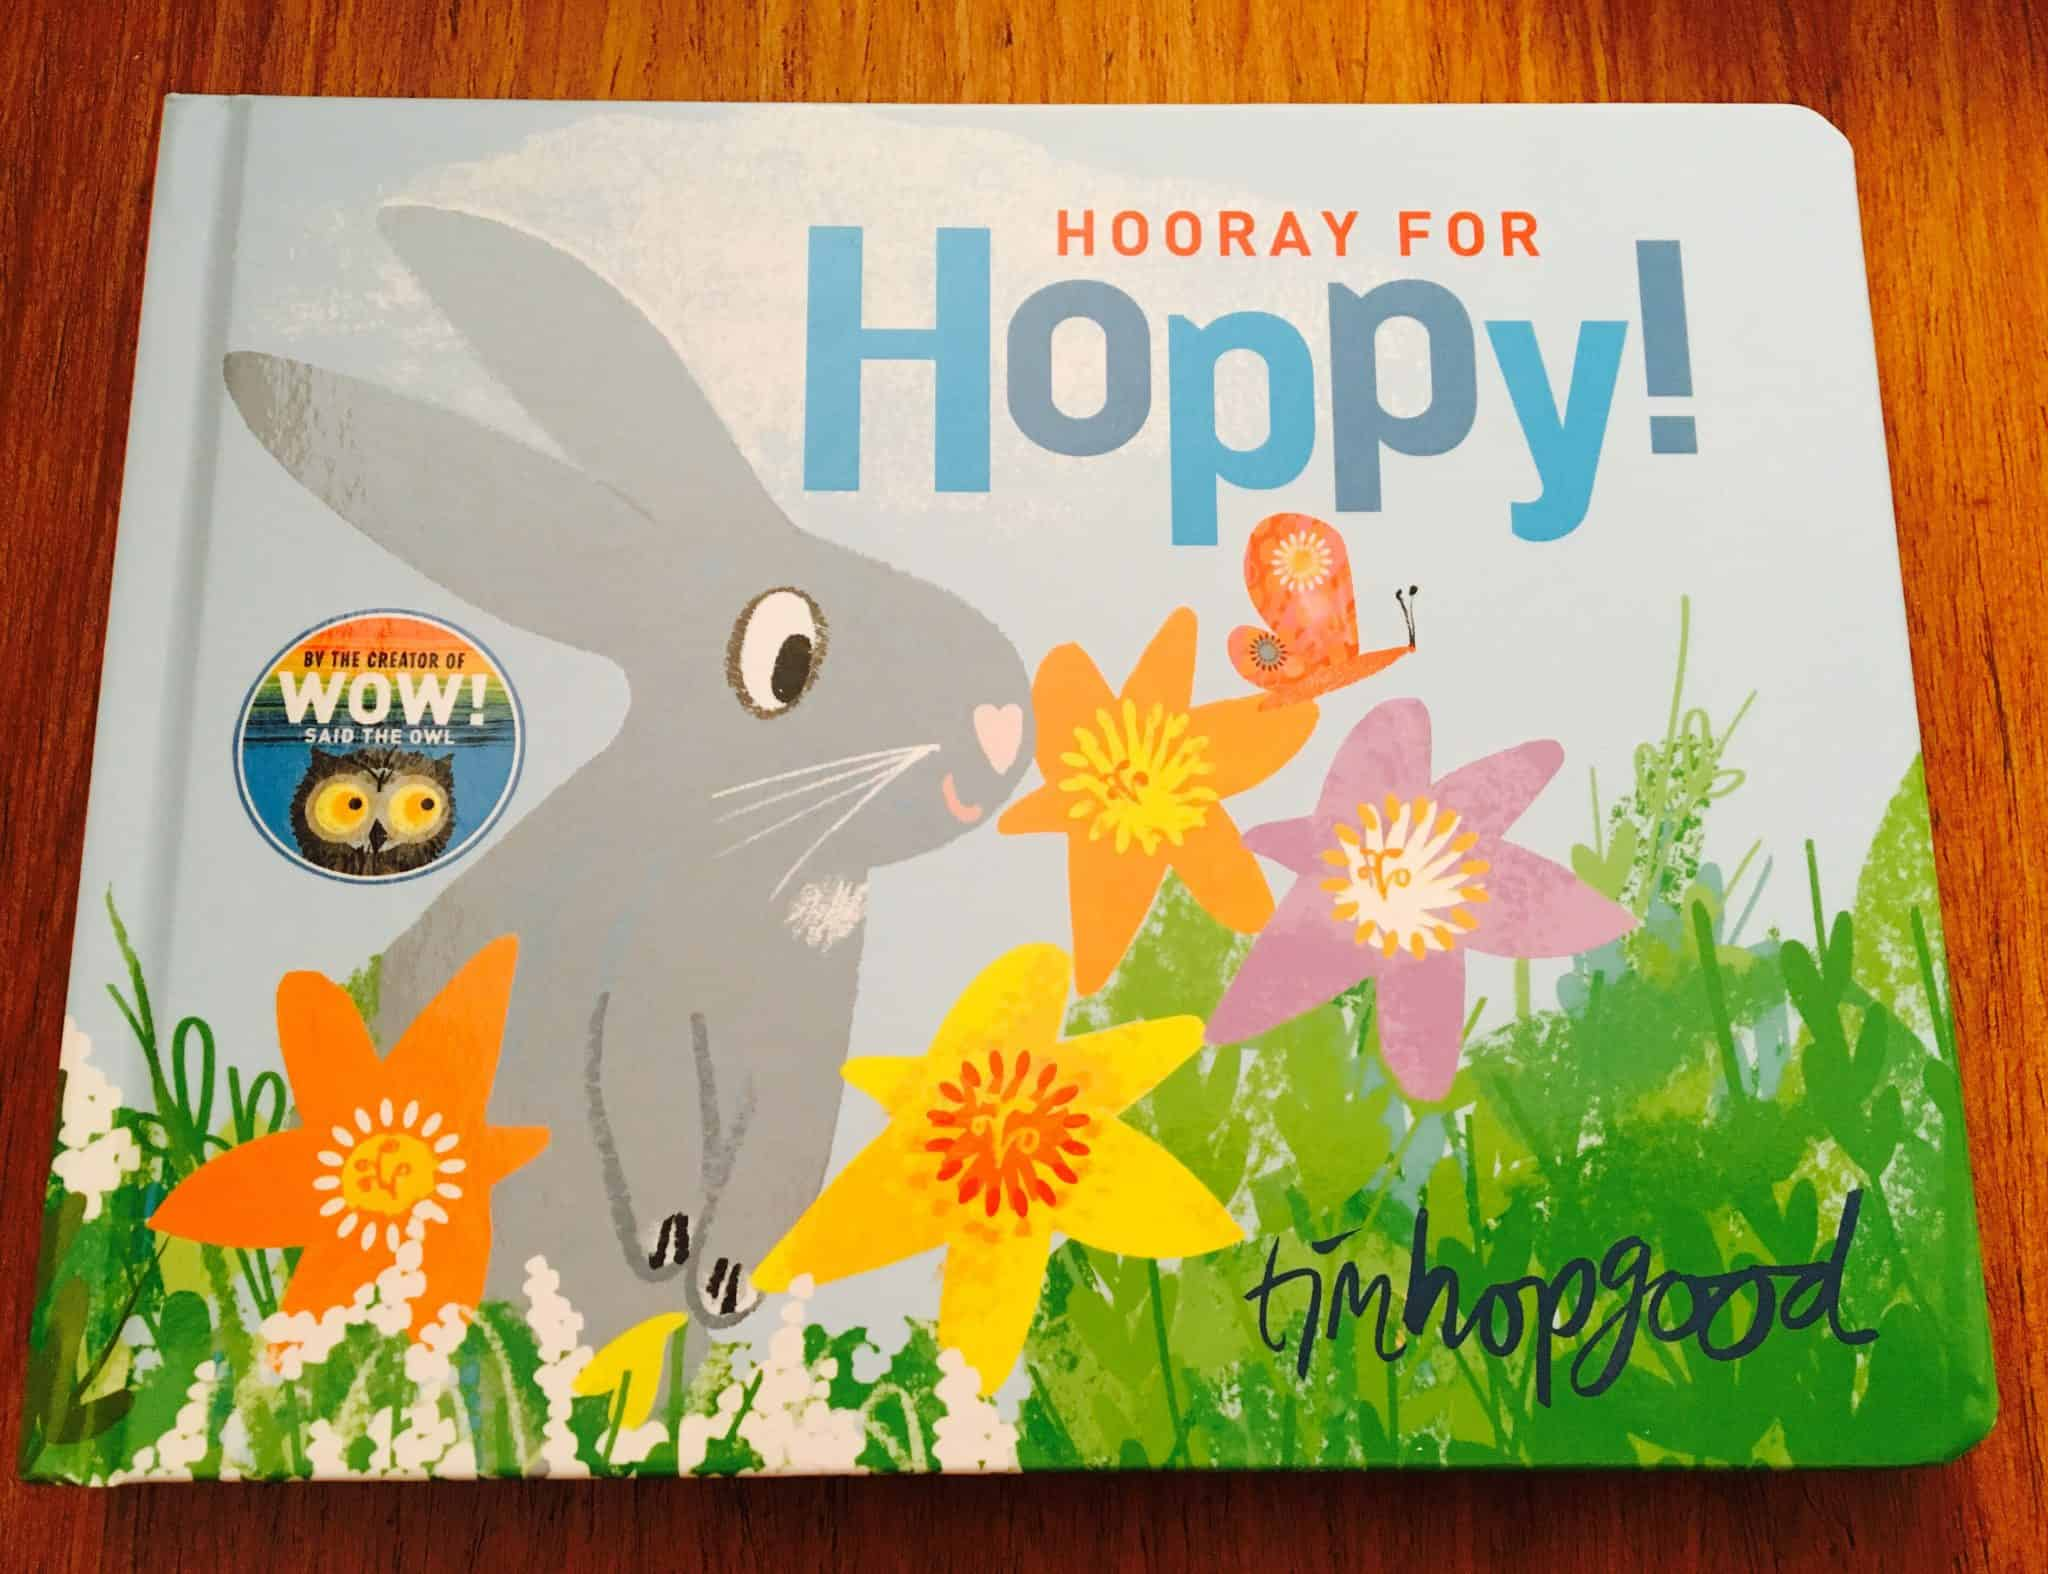 Horray for Hoppy! by Tom Hopgood